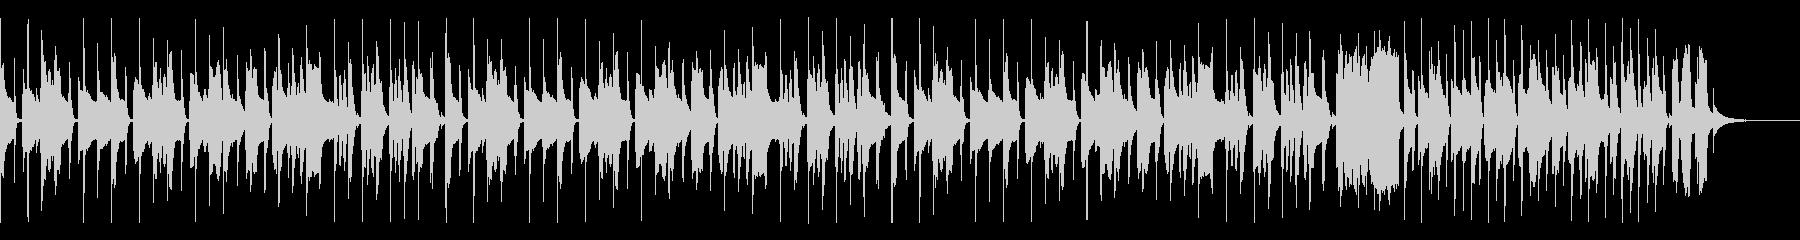 かわいいパズルBGM(スピードアップ有)の未再生の波形